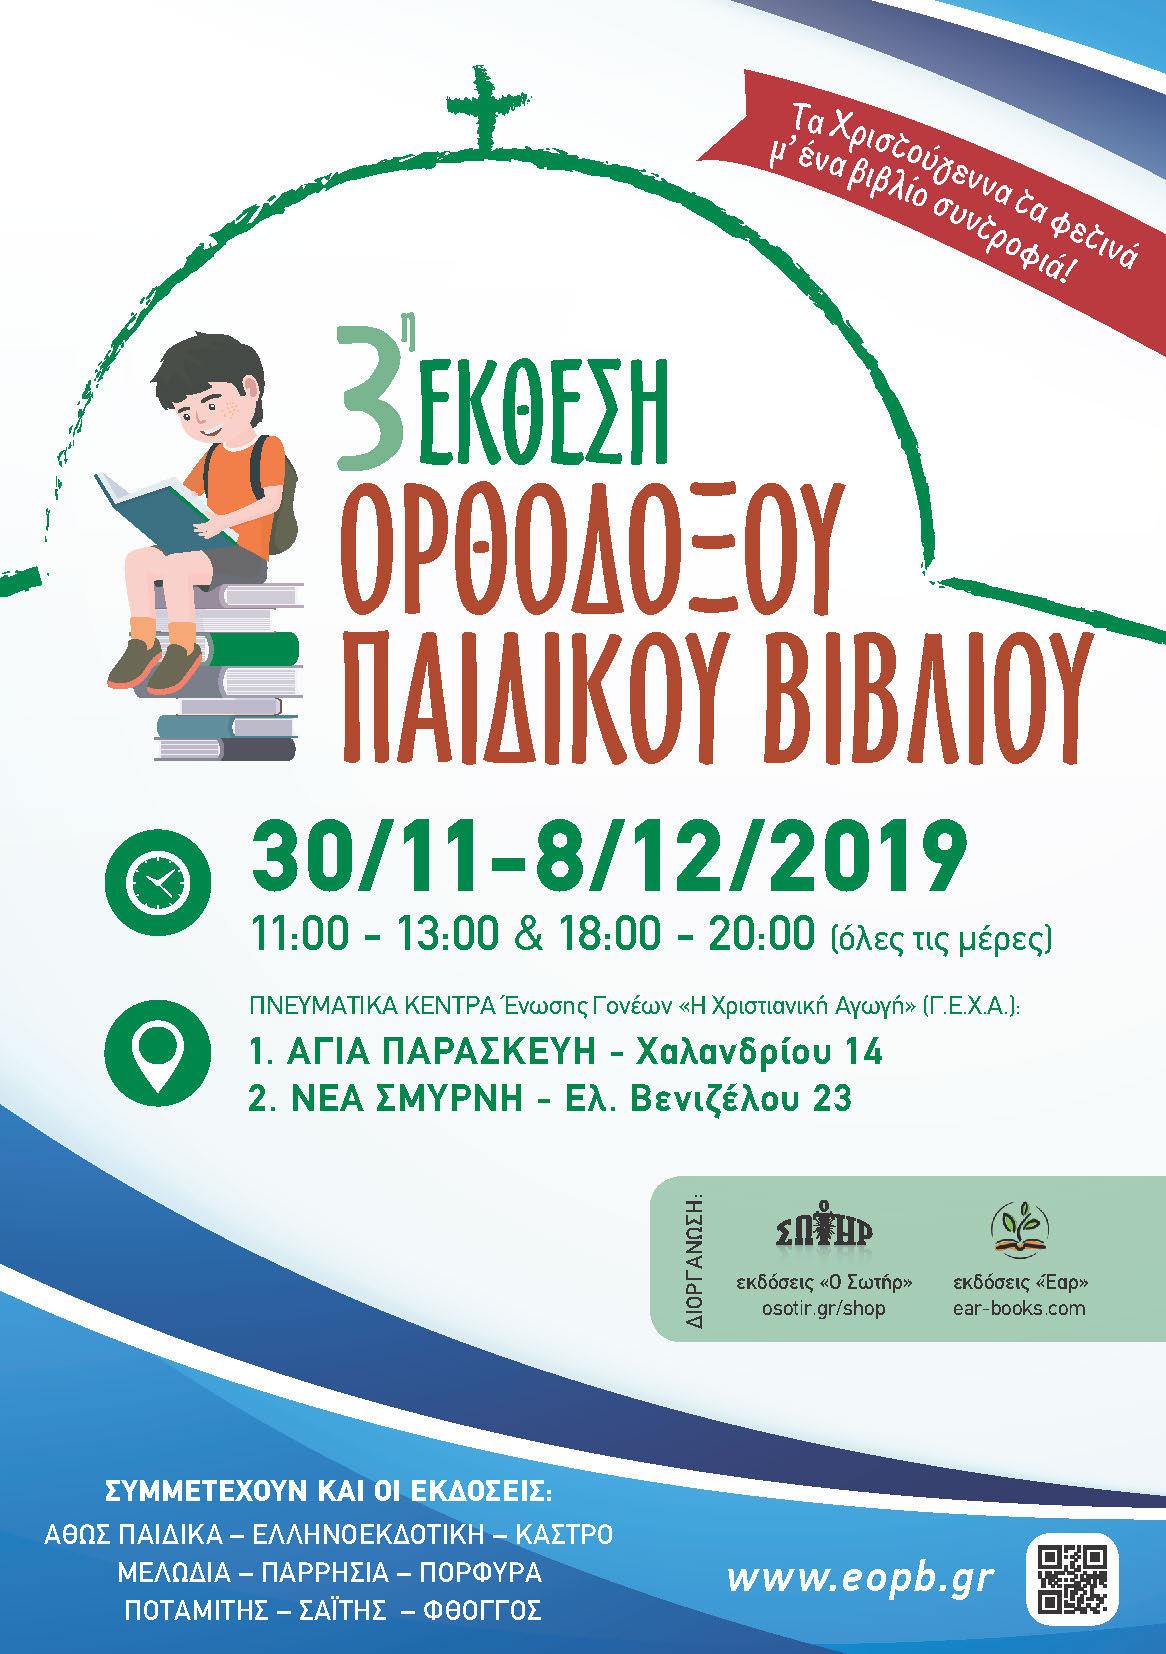 3η έκθεση ορθόδοξου παιδικού βιβλίου αφίσα